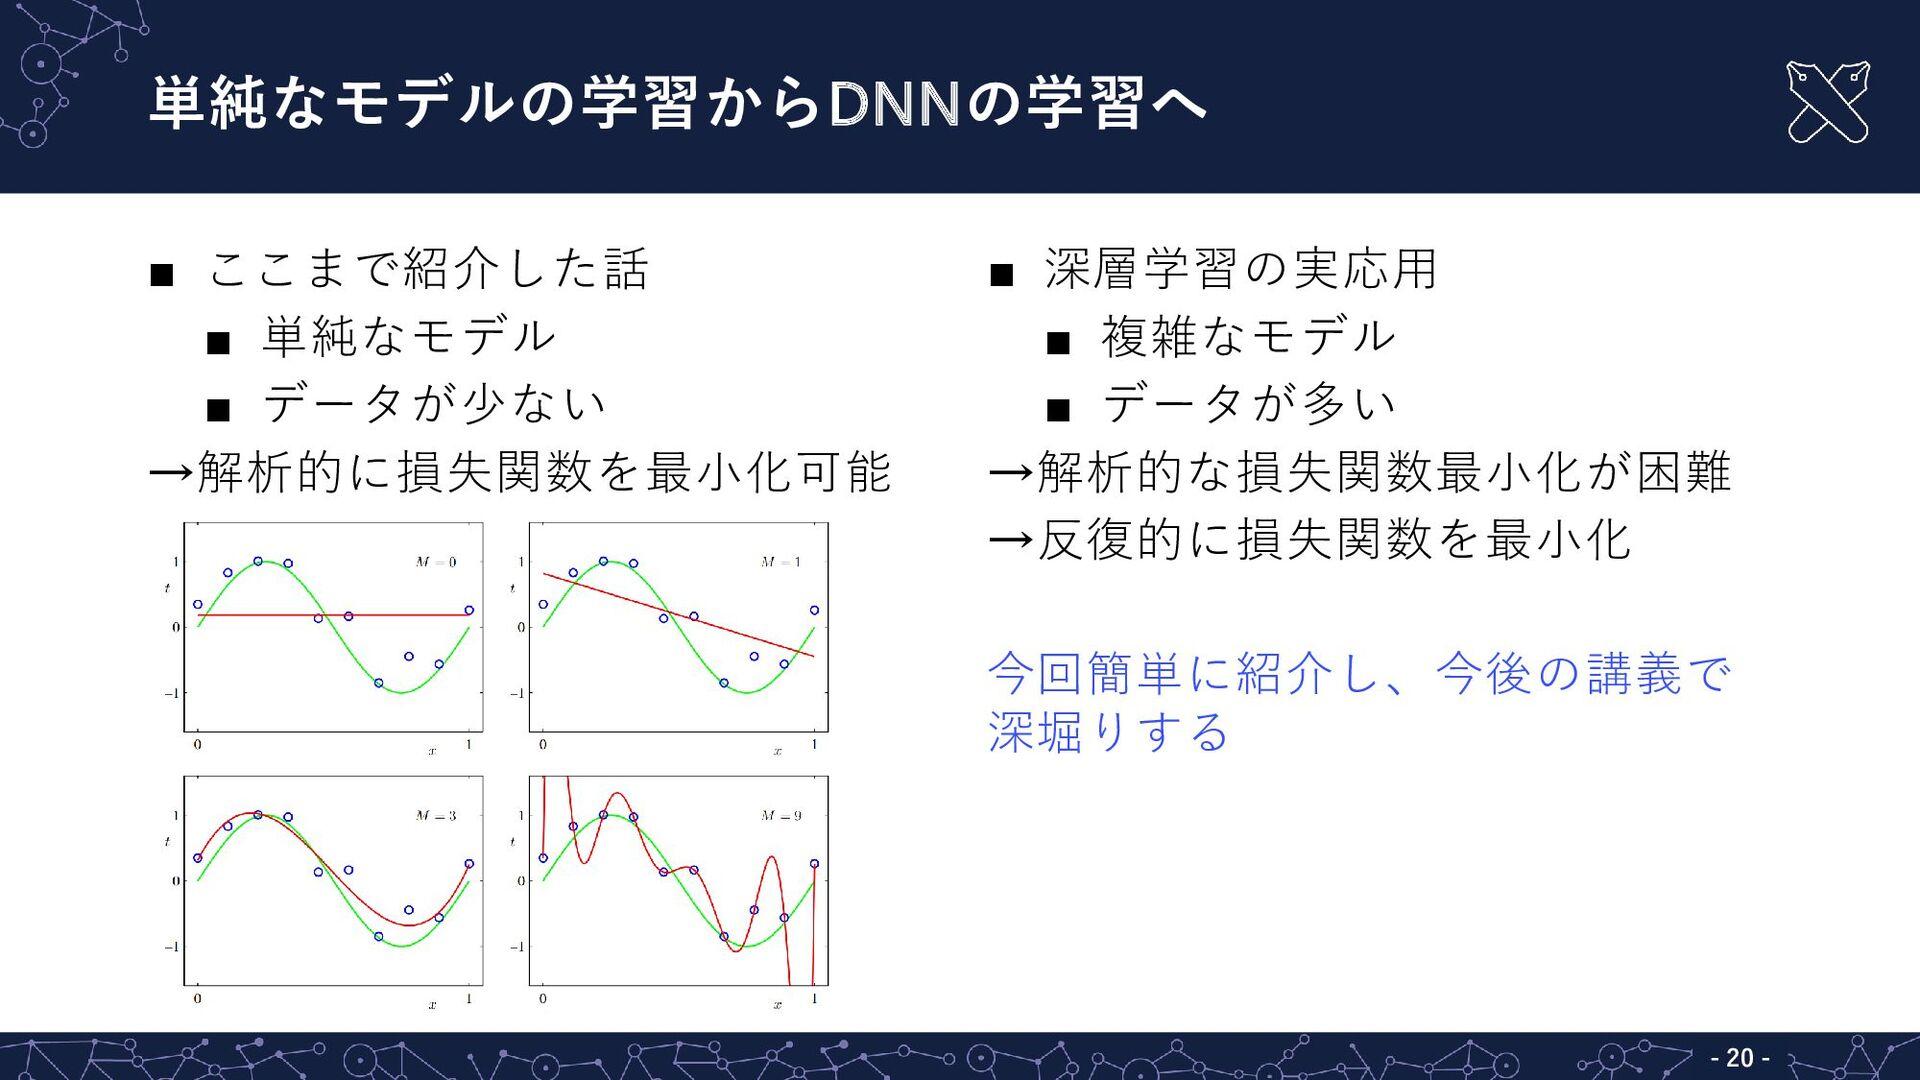  ここまで紹介した話  単純なモデル  データが少ない →解析的に損失関数を最小化可能 ...